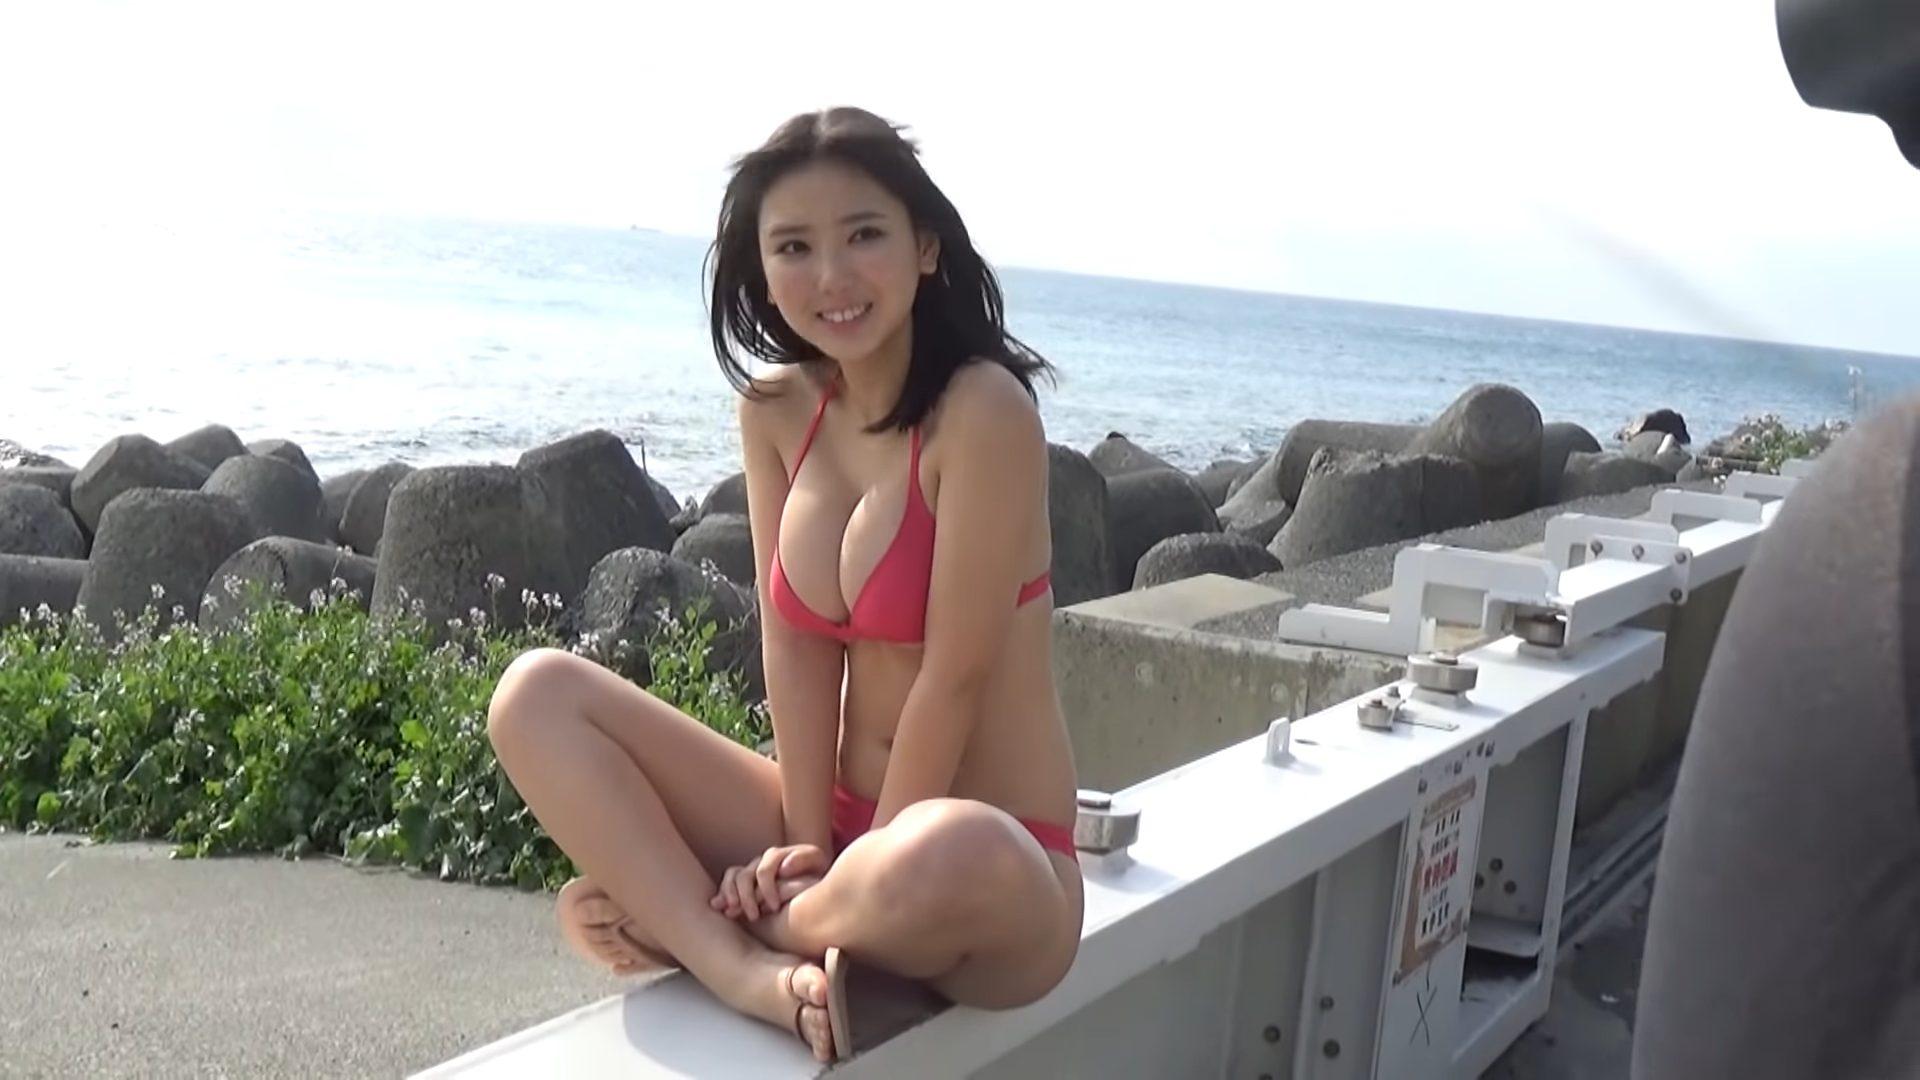 【沢口愛華】Fカップ11 ヤンマガグラビア動画!さまざまな水着姿を披露!